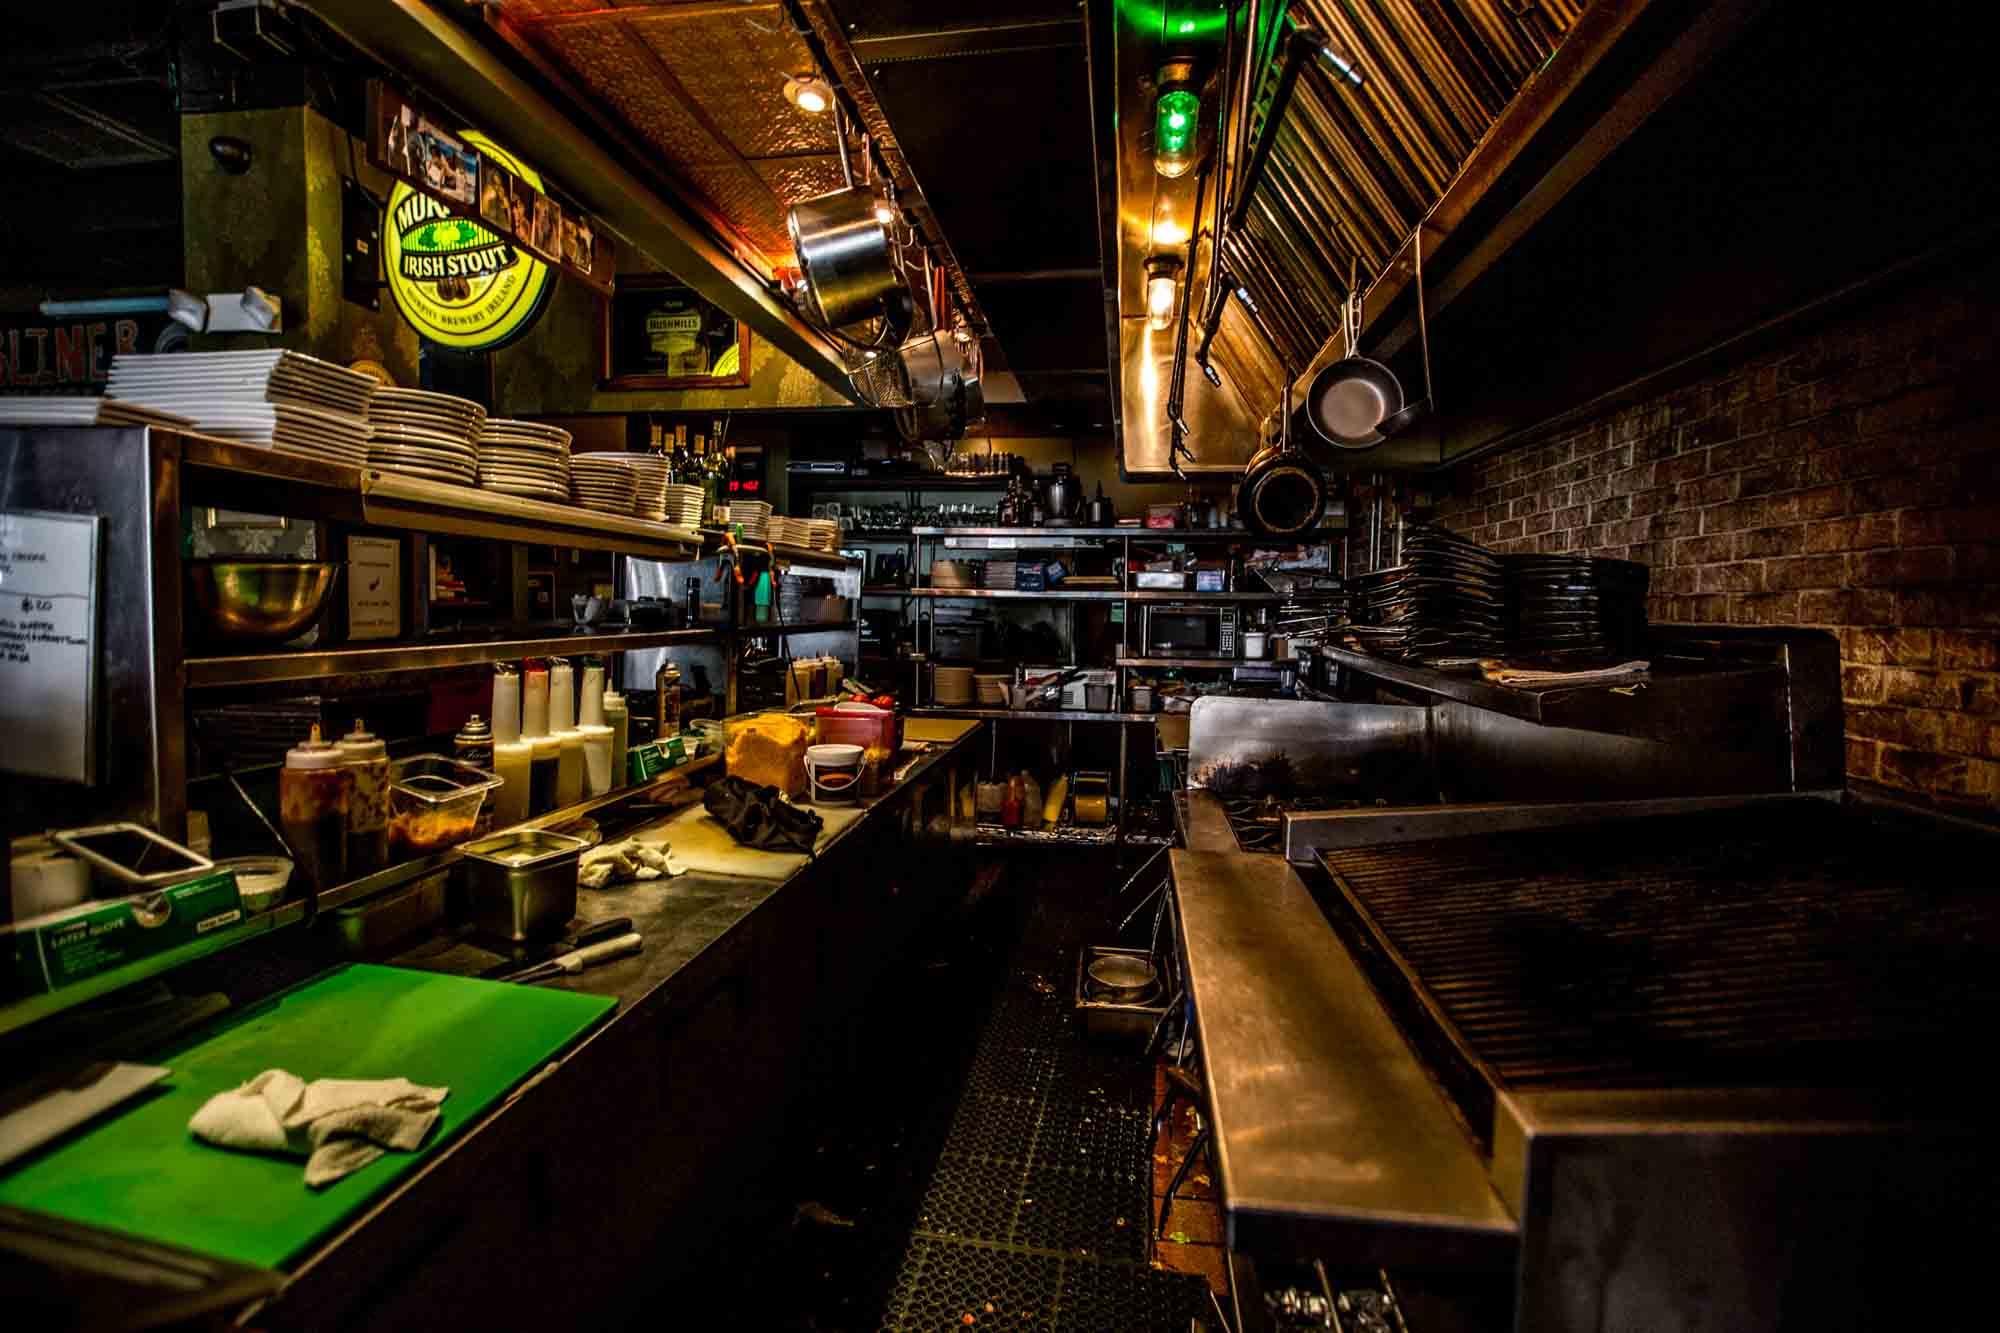 the interior of the dubliner restaurant